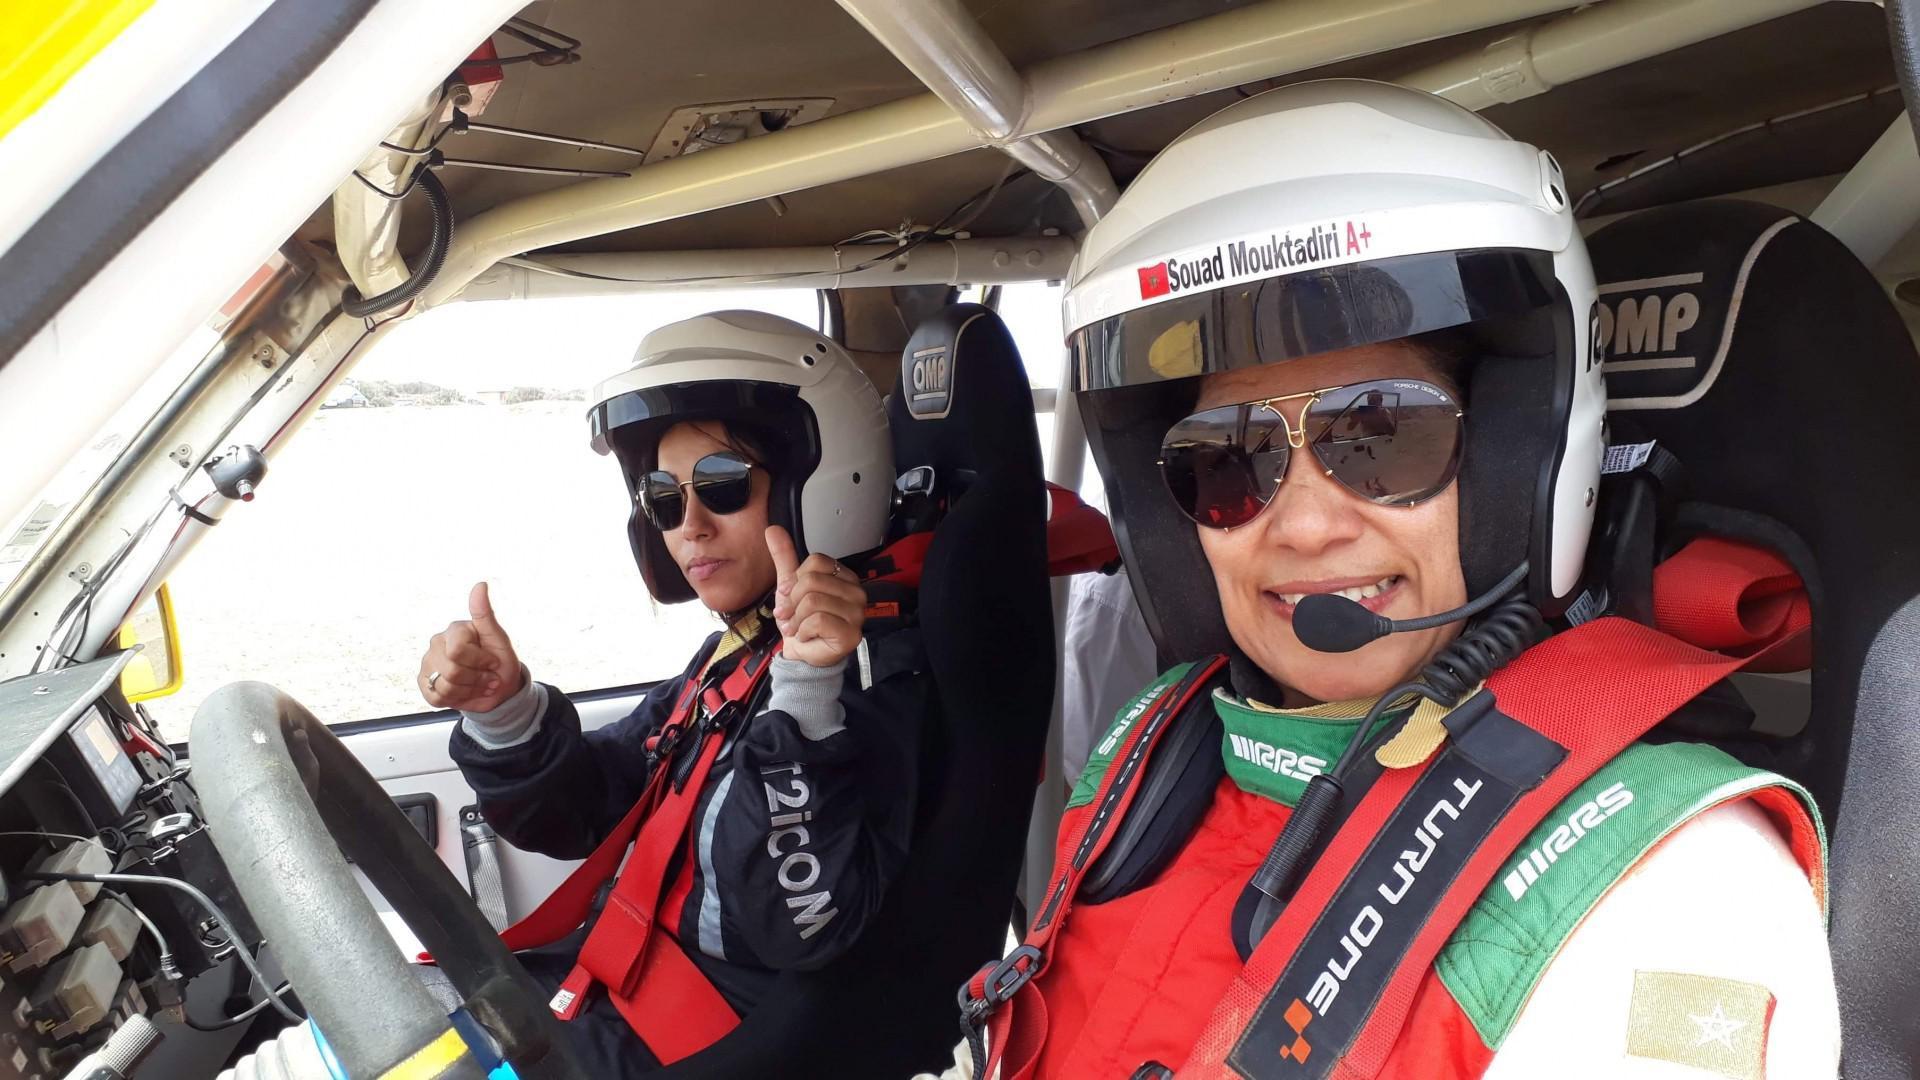 Rallye du Maroc 2019 : Souad Mouktadiri affronte pour la deuxième fois le désert marocain